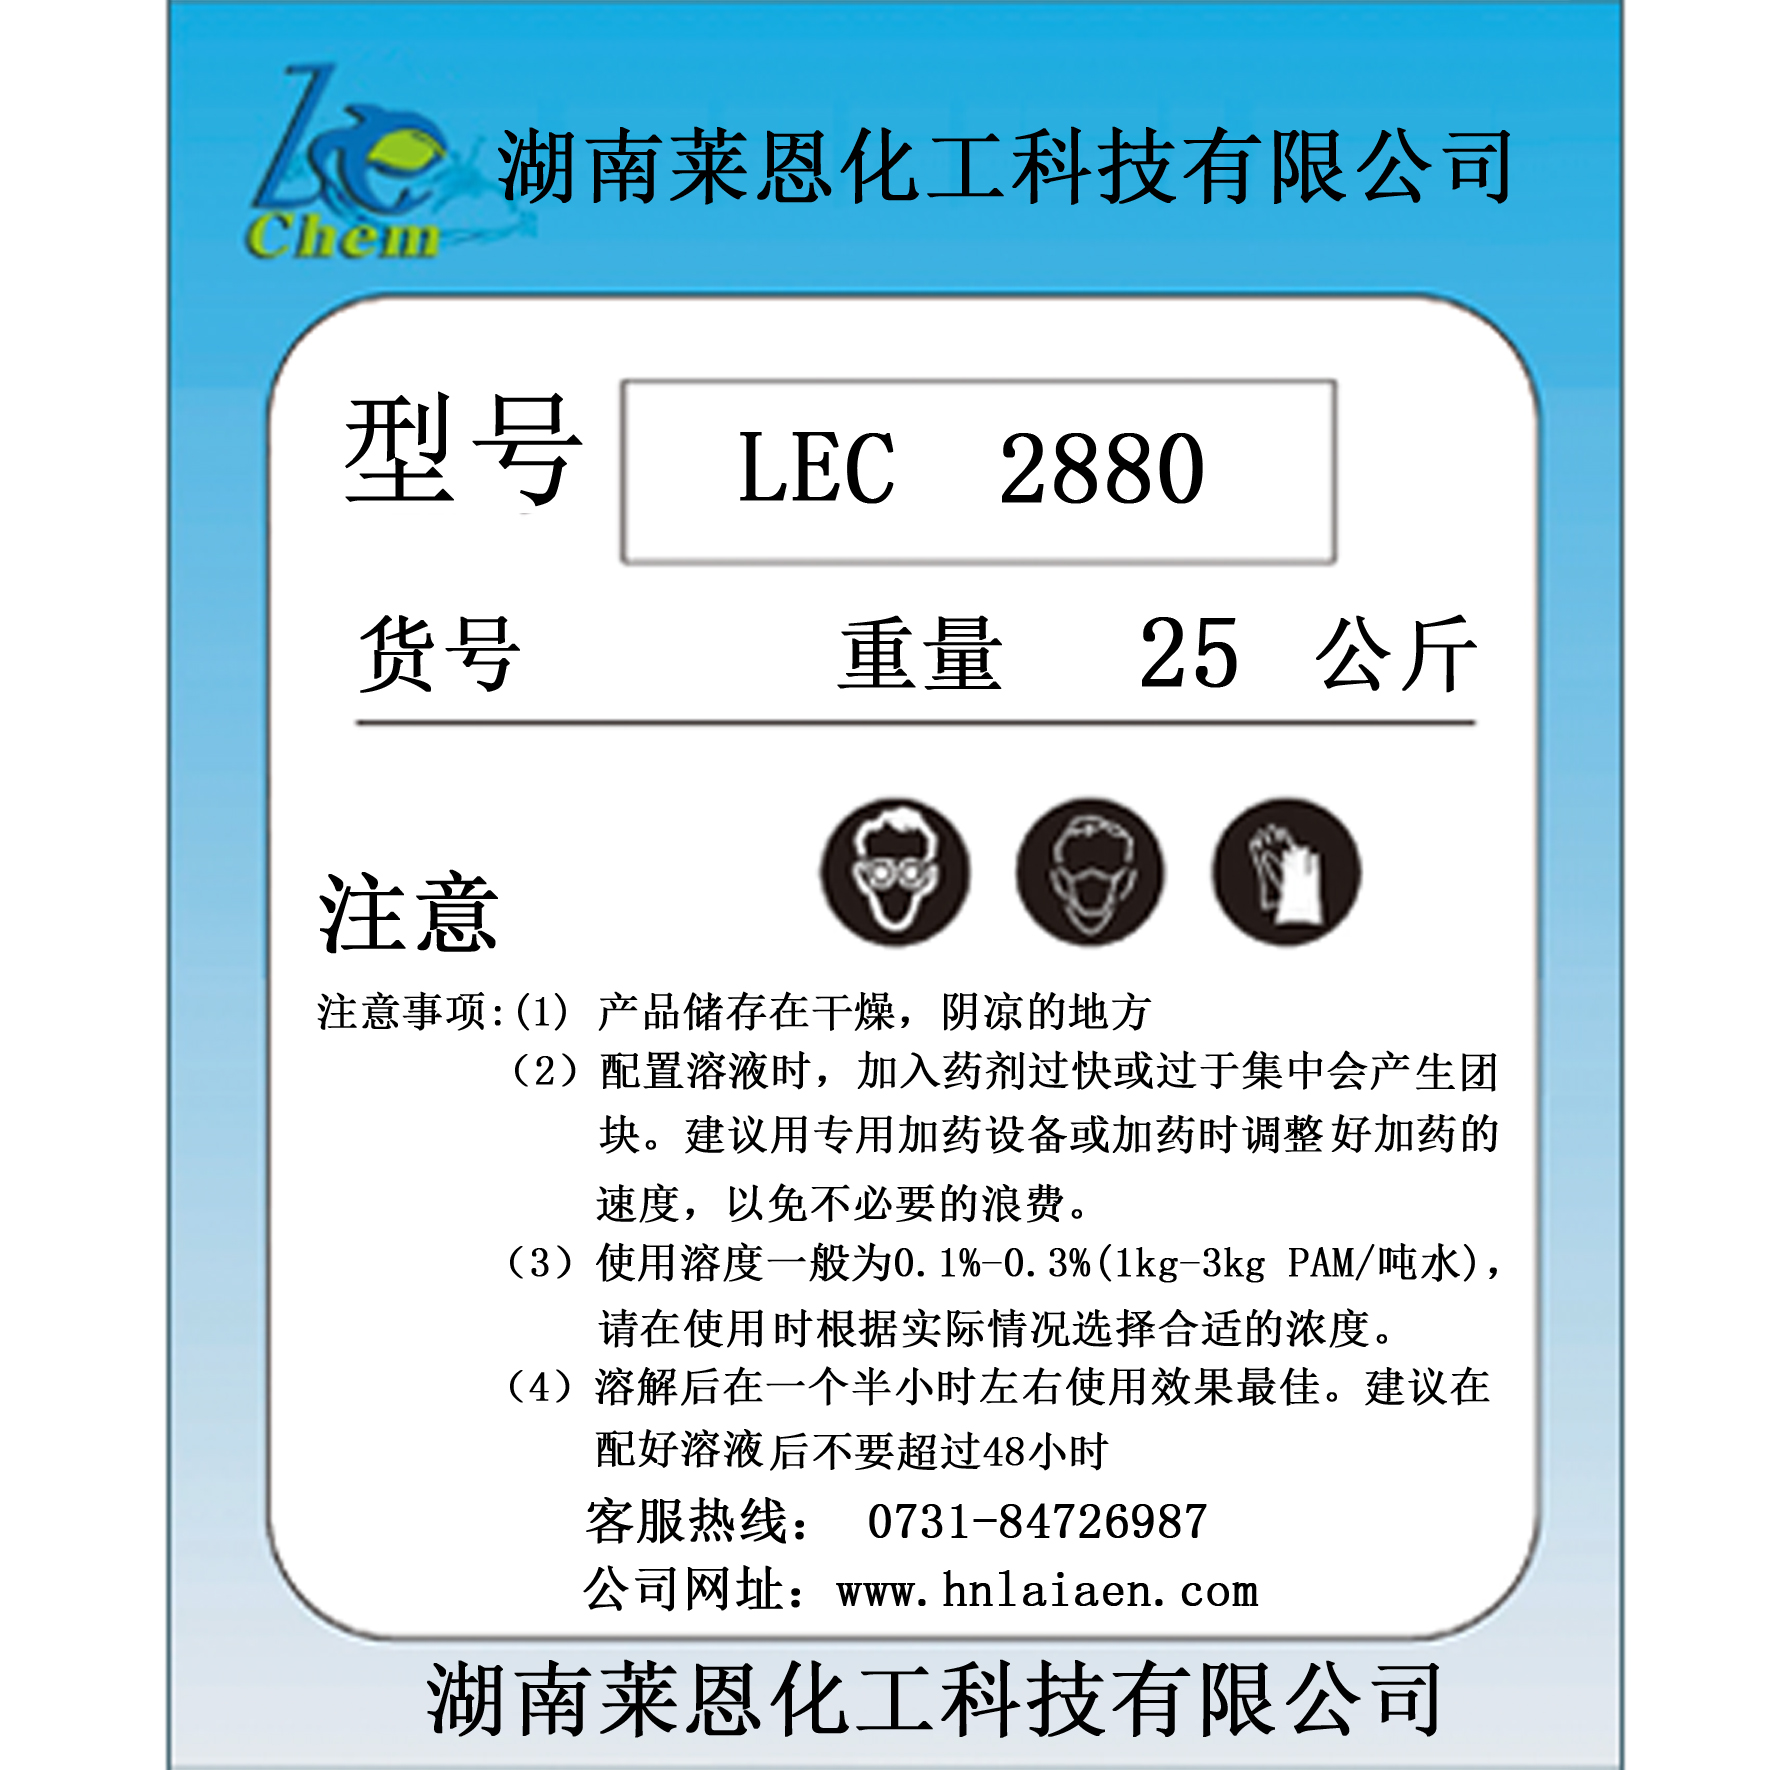 液体聚合氯化铝为什么相比固体聚合氯化铝来说不畅销?